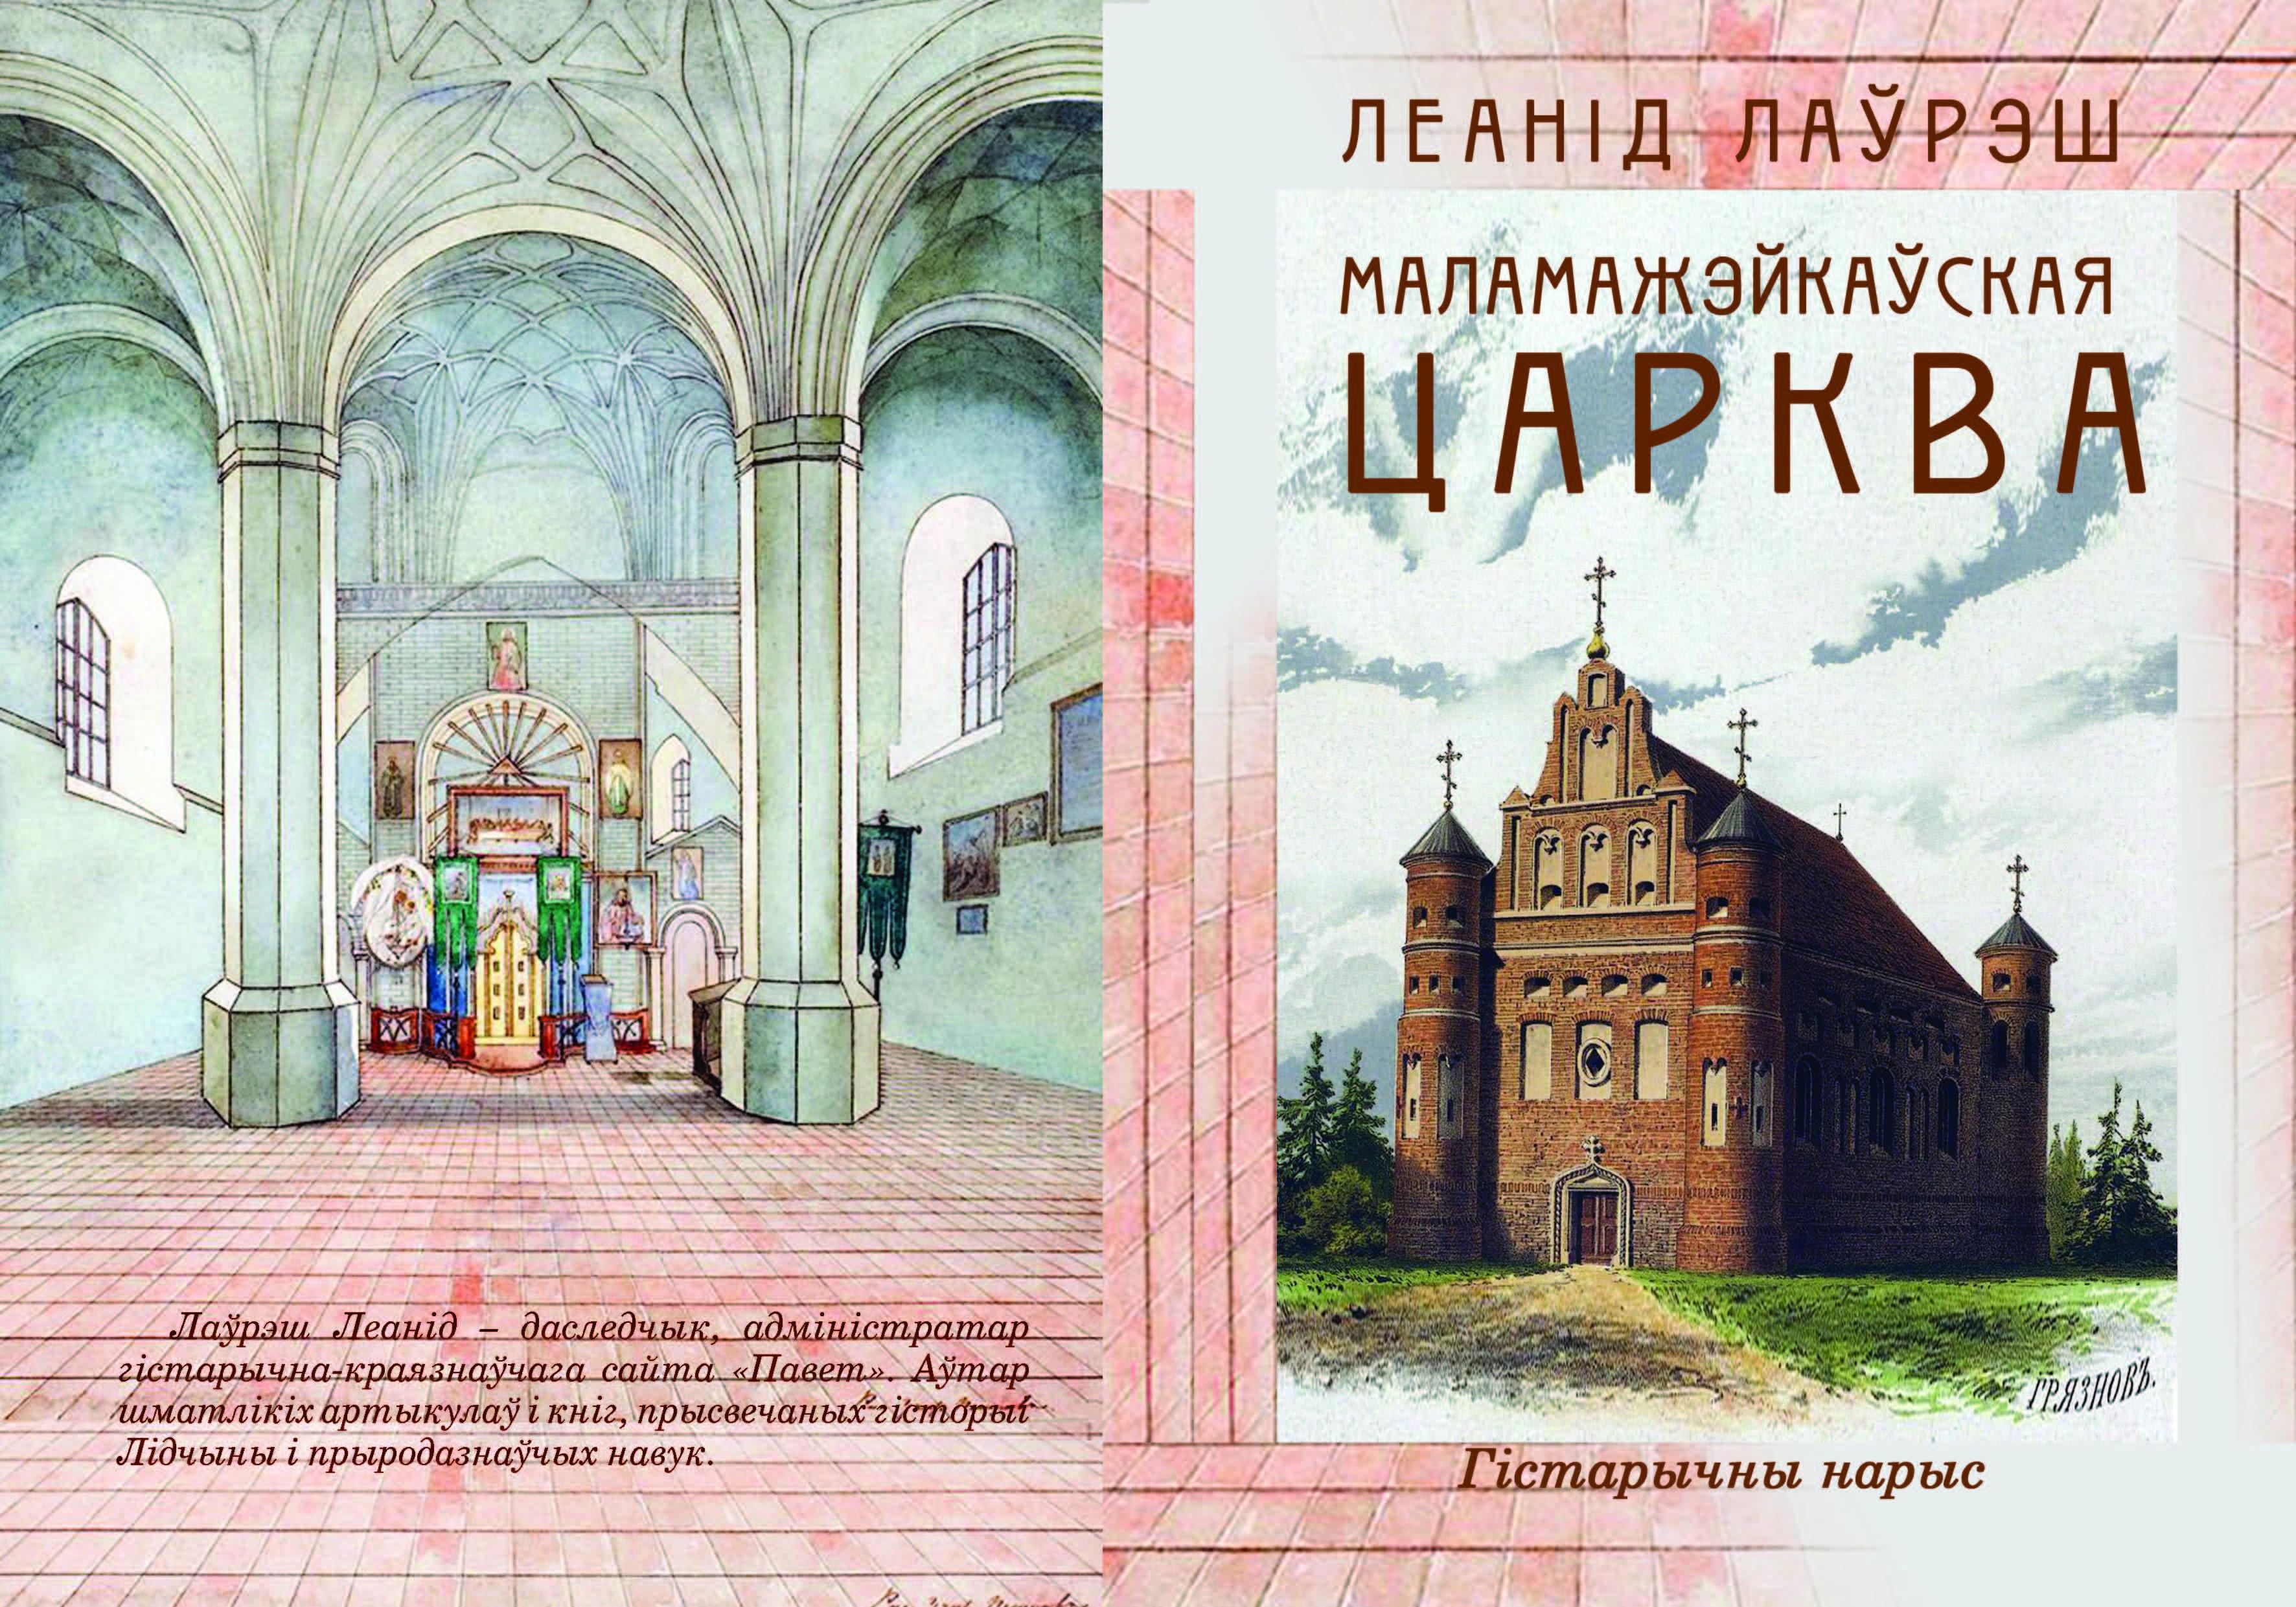 Леанід Лаўрэш, «Маламажэйкаўская царква: гістарычны нарыс»